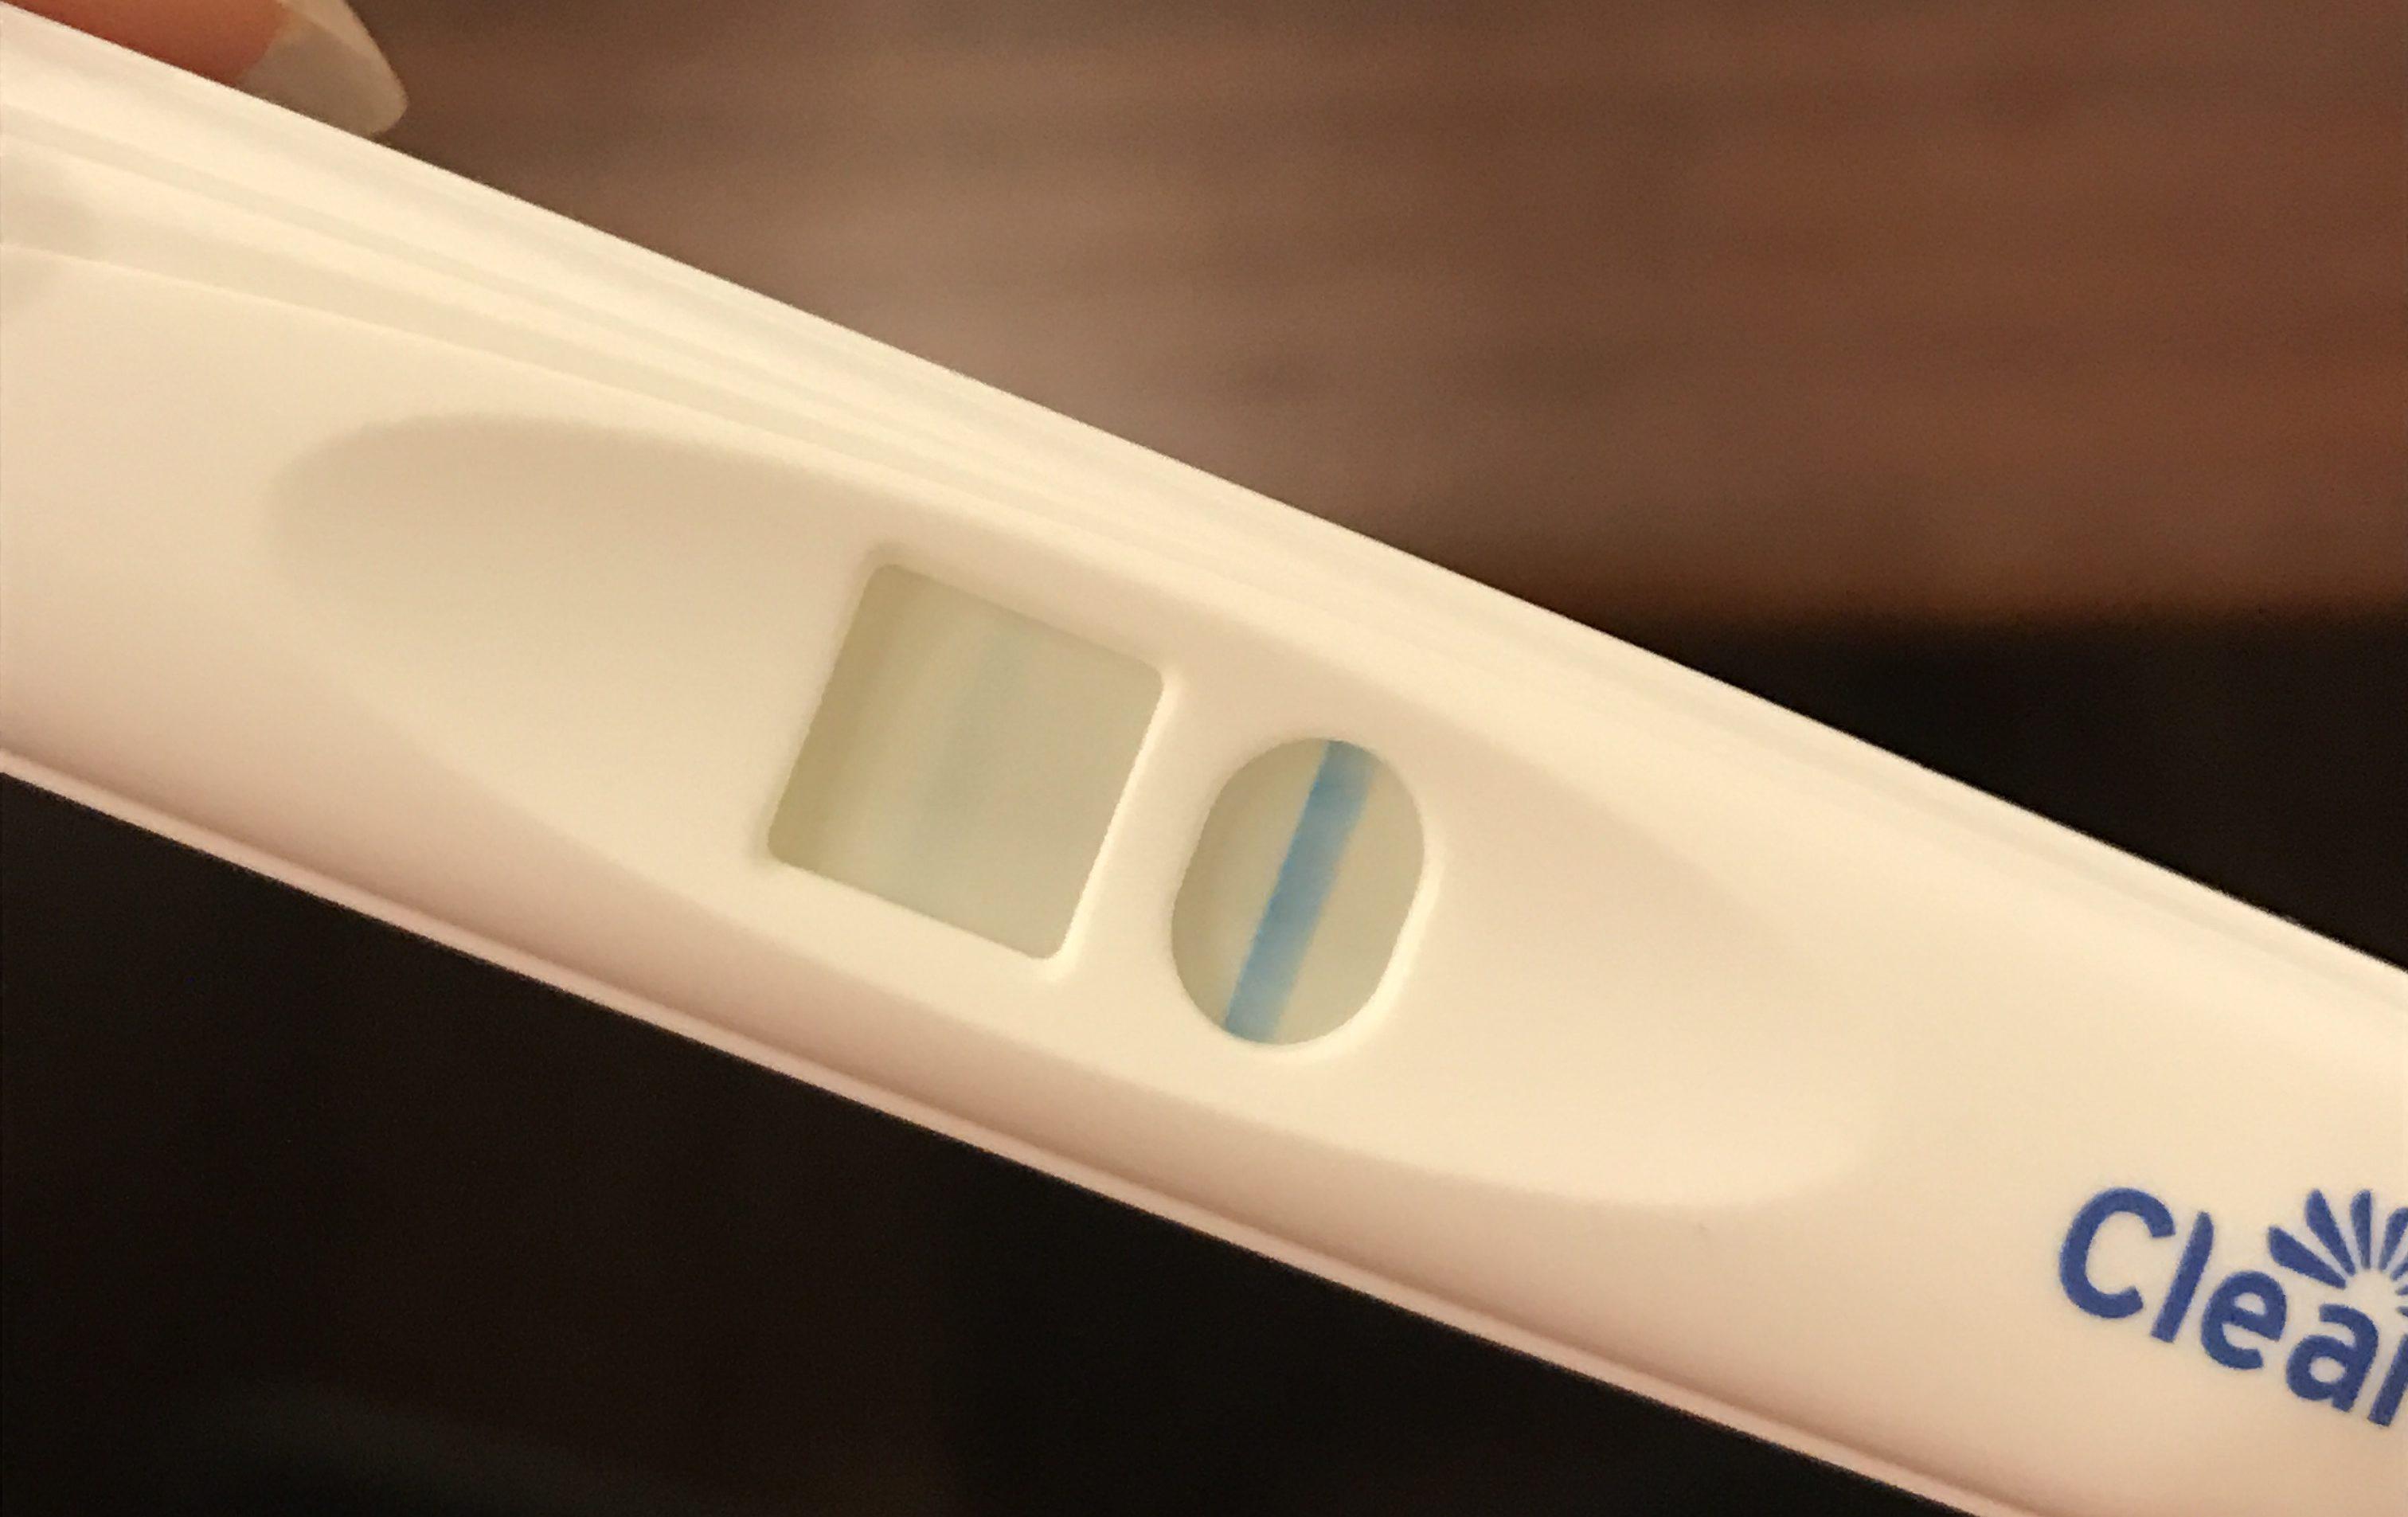 生理 前 腰痛 妊娠 生理前だと思っていたら妊娠?妊娠超初期症状をチェック